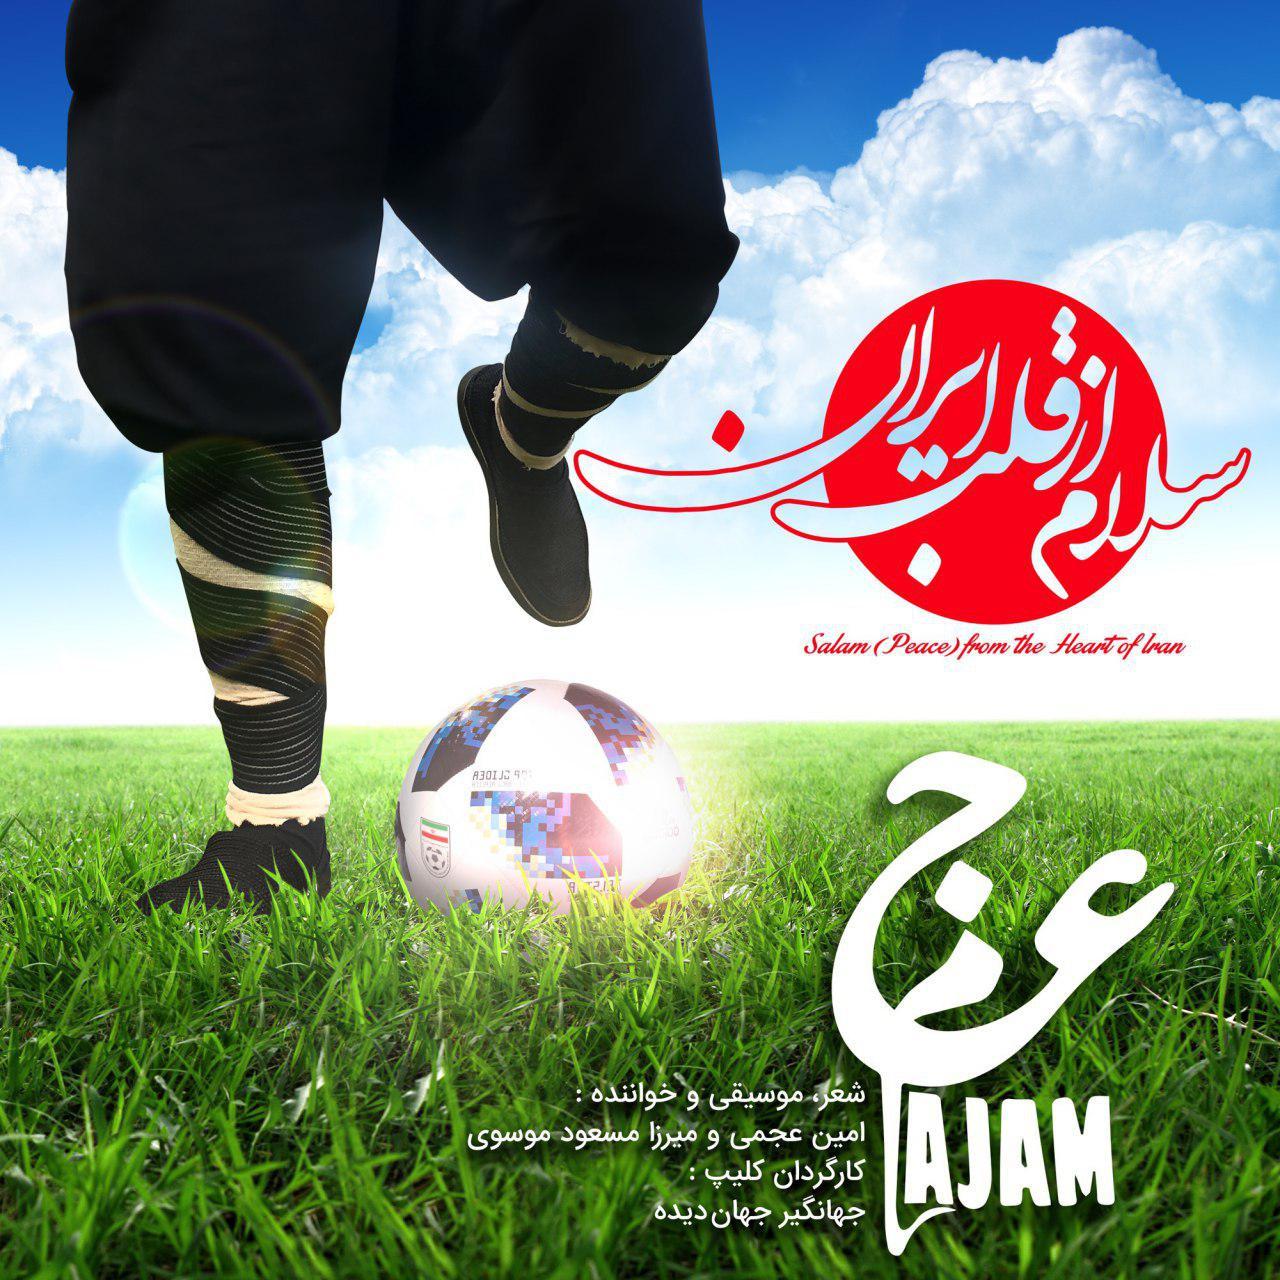 دانلود موزیک ویدیو جدید عجم به نام سلام از قلب ایران